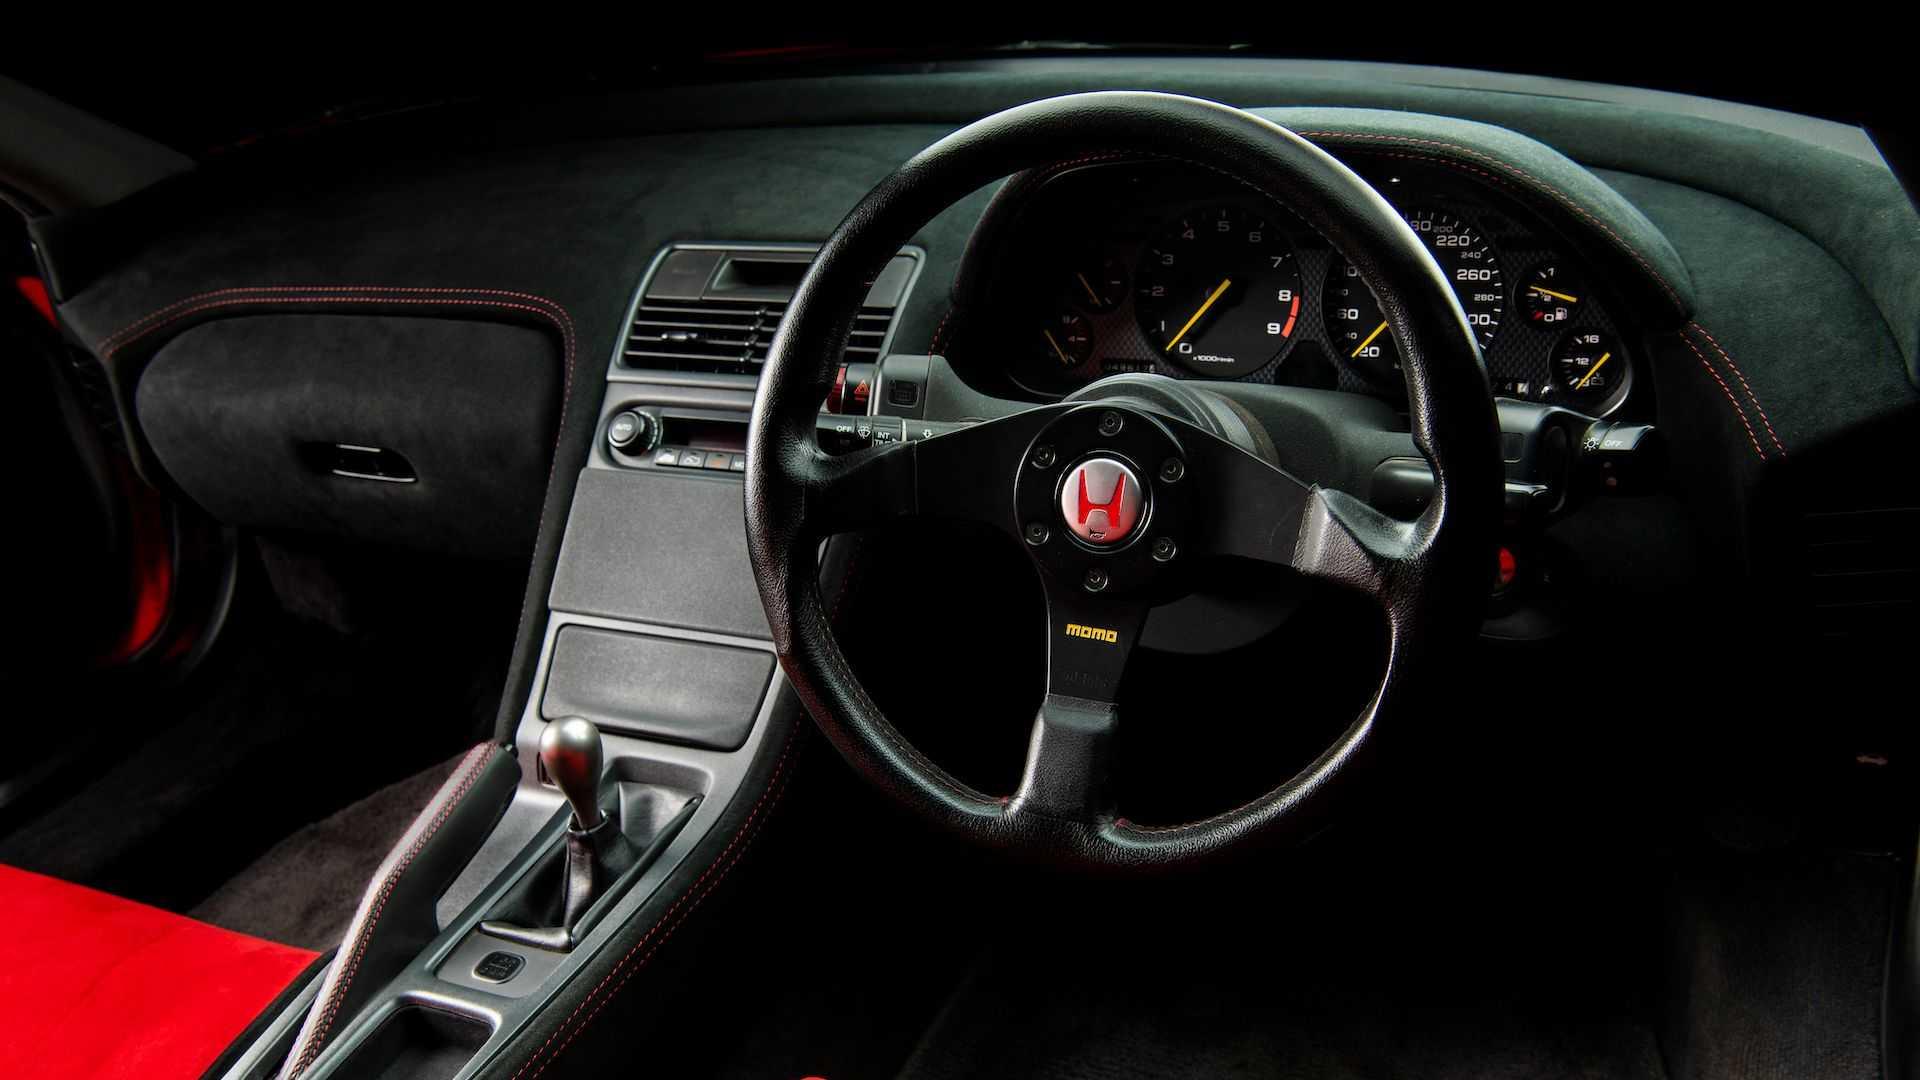 美國的第一代Acura NSX車主能享受到原廠的翻修維修服務了?